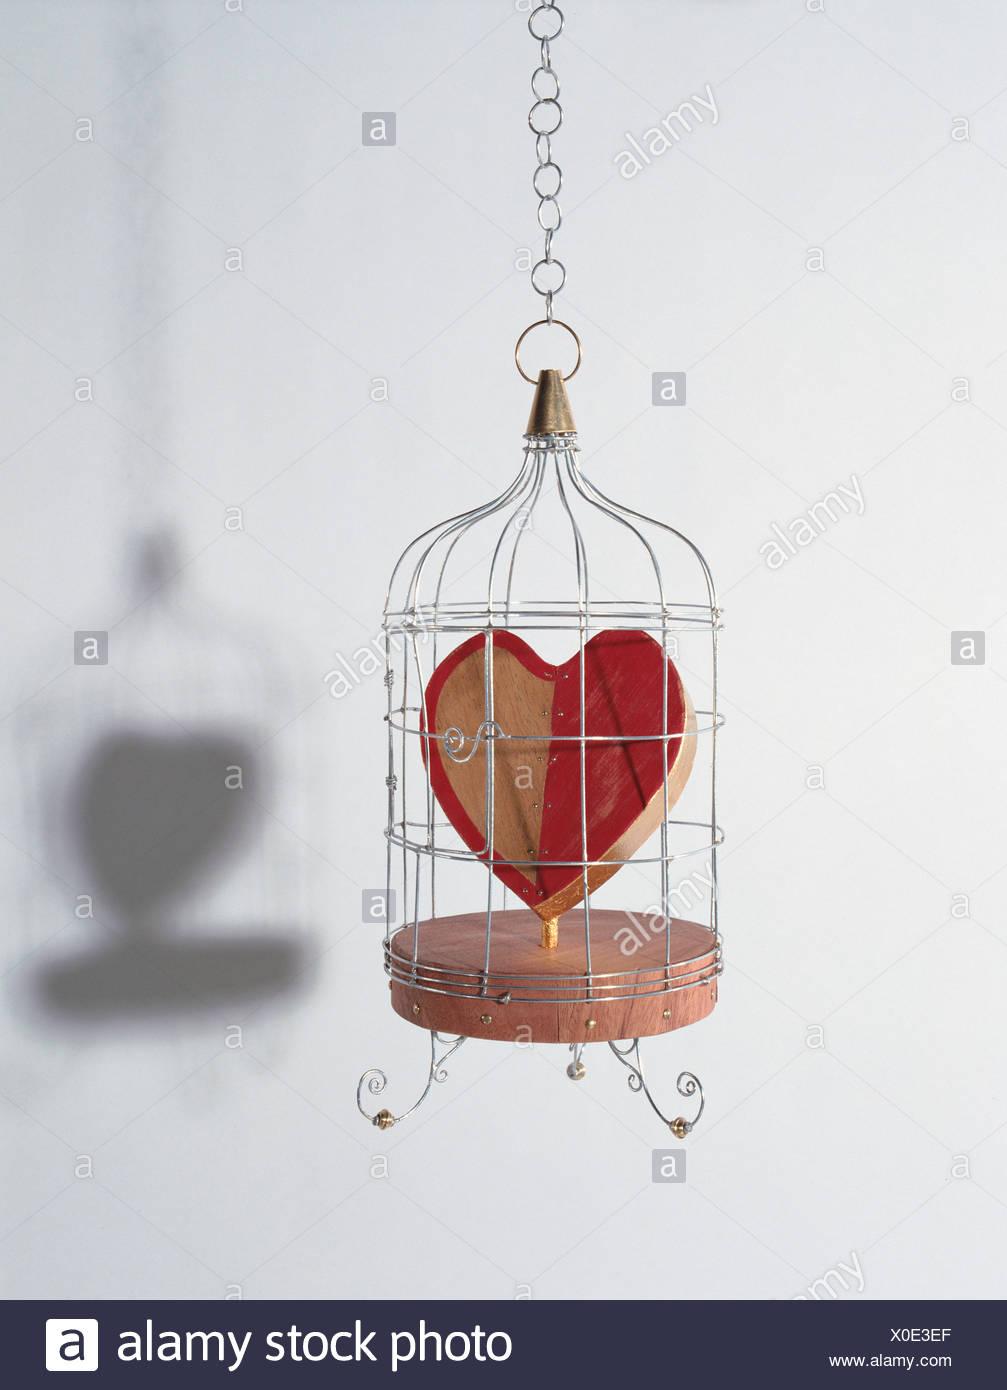 Hölzerne Liebe Herzen hängen gefangen in einem Metall Vogelkäfig Herz bemalten halb rot, massivem Holzsockel Stockbild